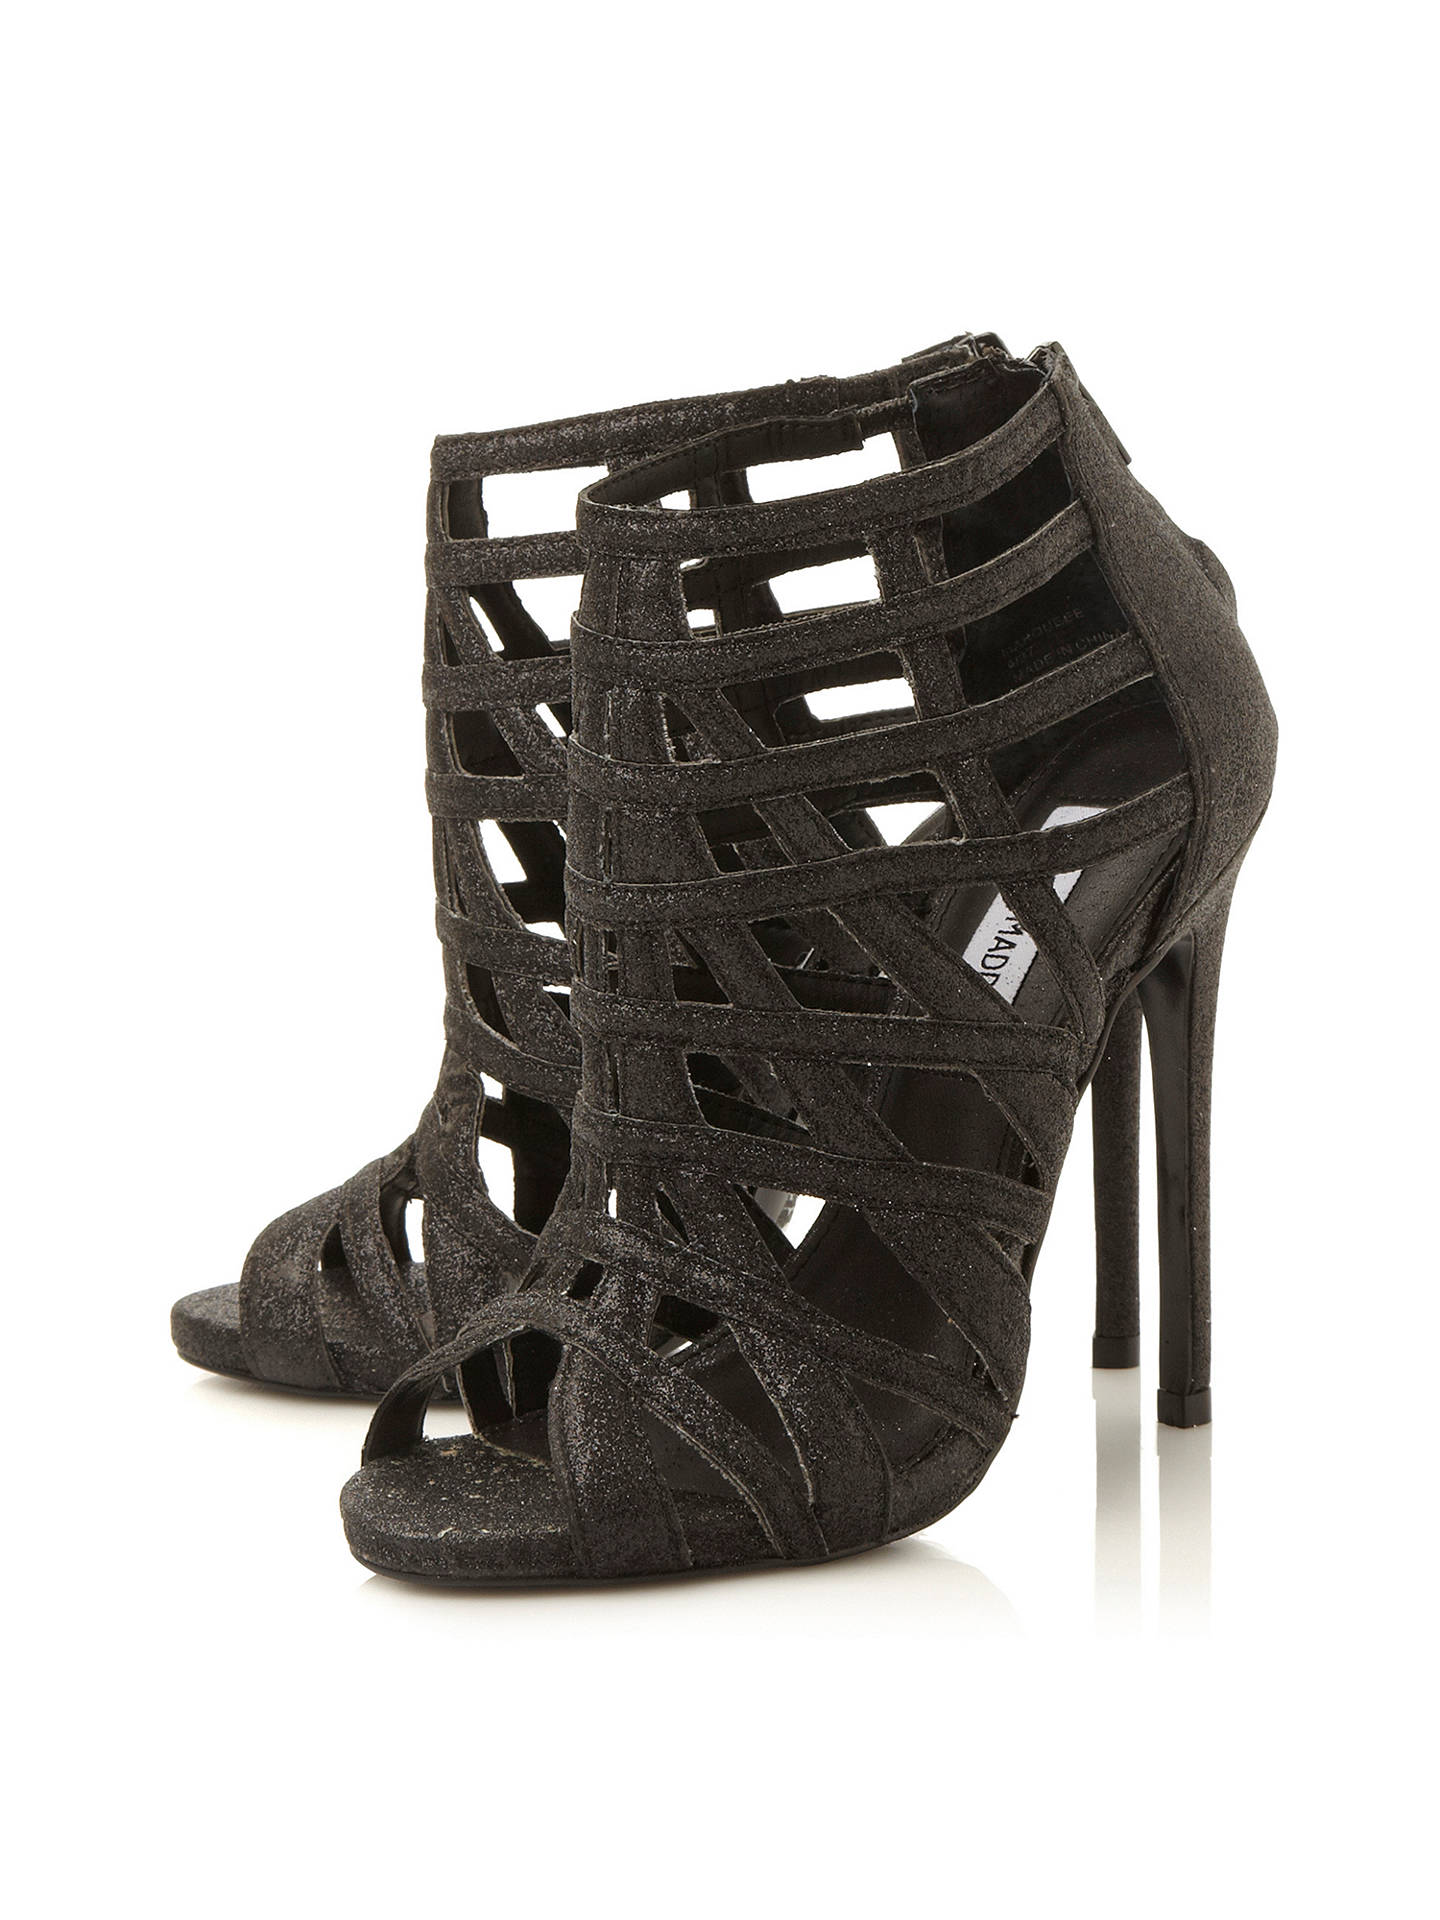 5c68e135869 Buy Steve Madden Marquee Caged High Heel Sandal